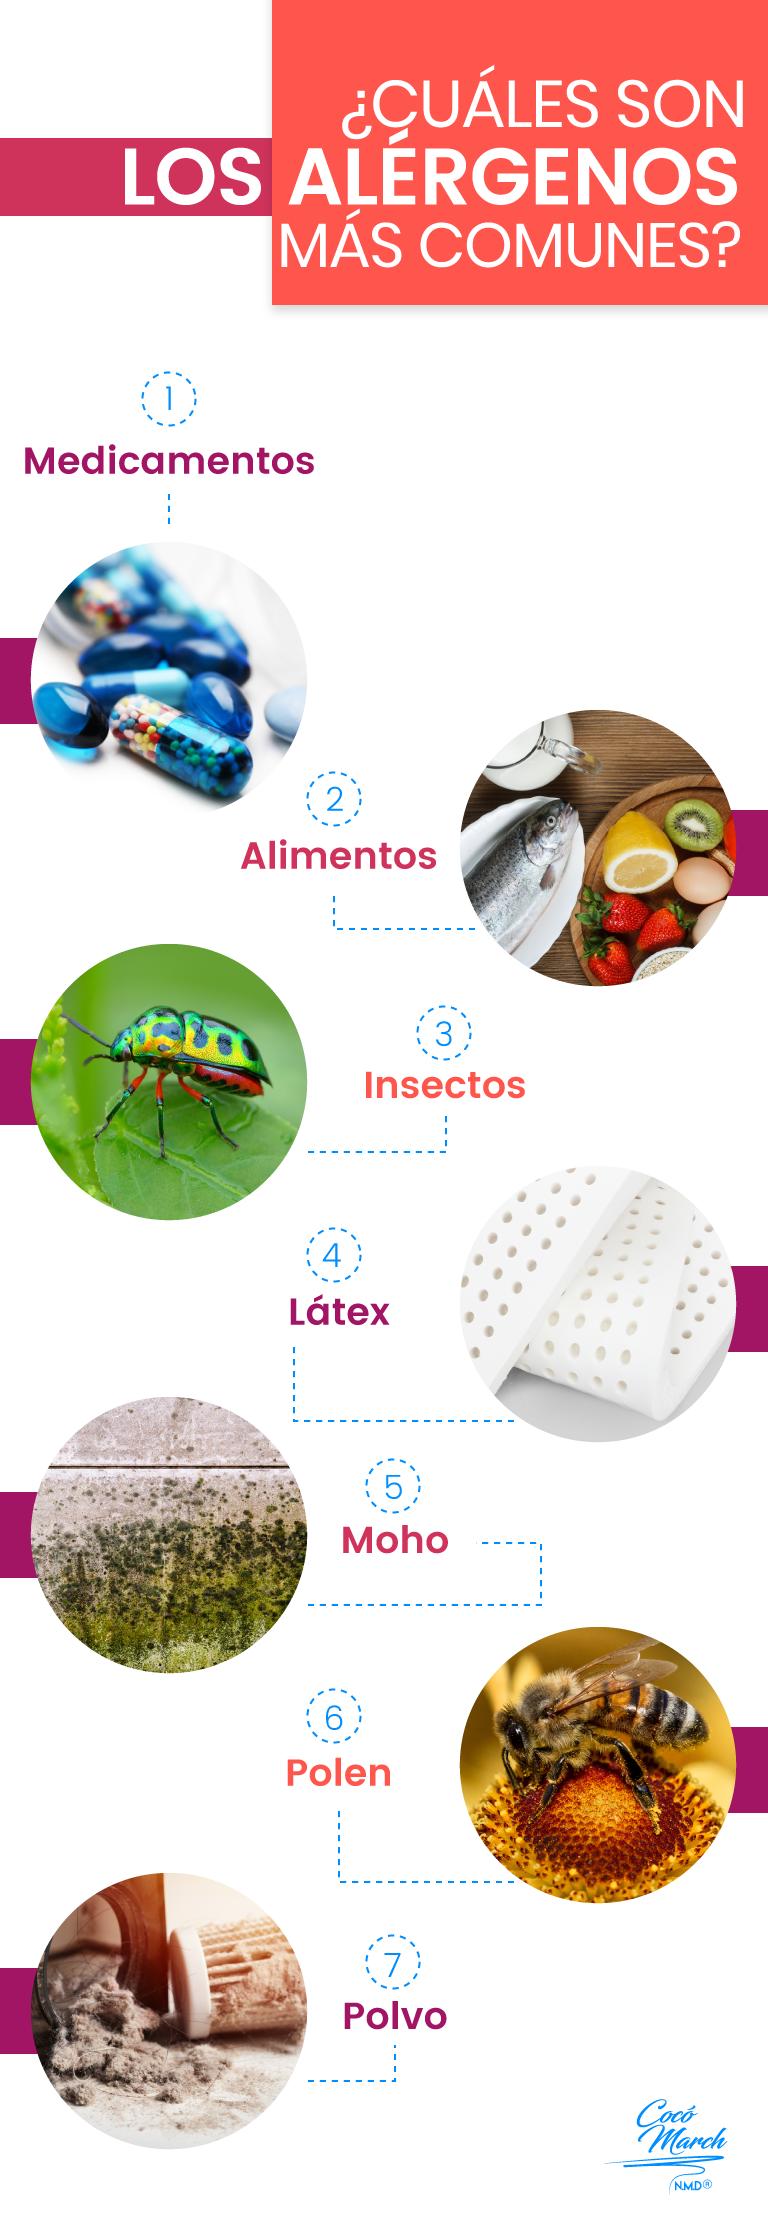 alergenos-mas-comunes